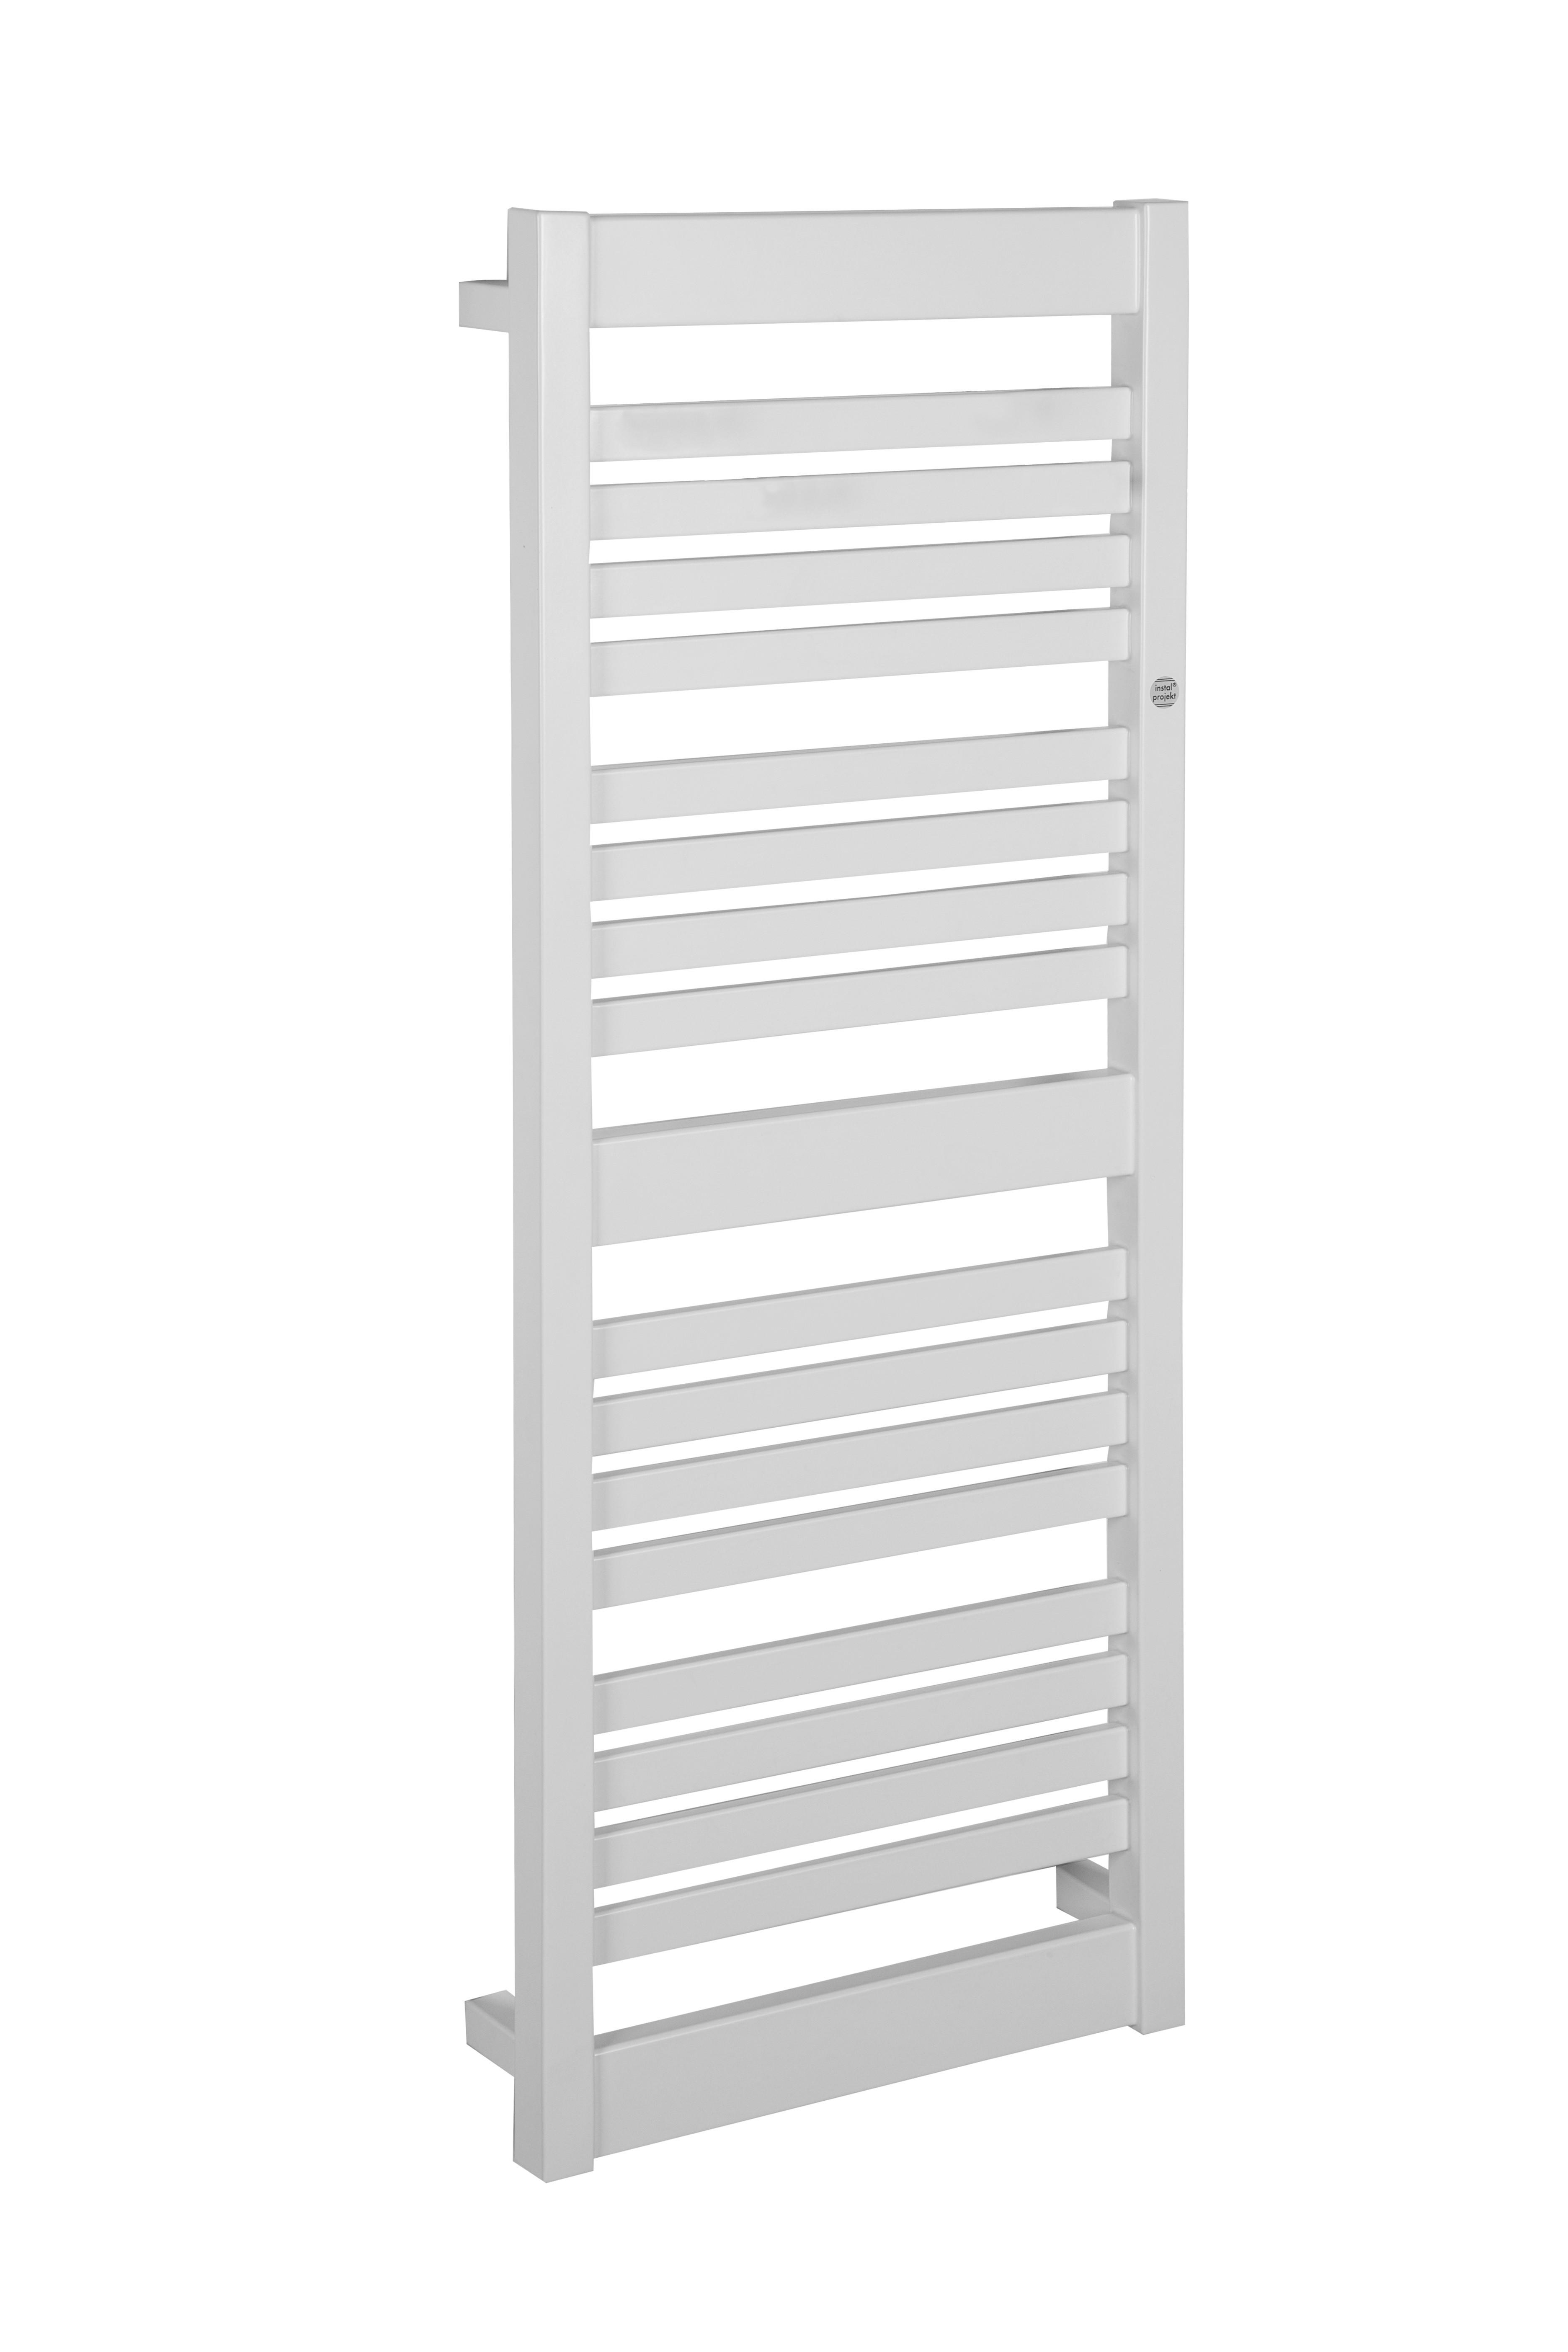 HOPA HOPA - Koupelnový radiátor FRAME SLIM - Radiátory - Barevné provedení HL - Bílá, Rozměr radiátoru HL - 400 × 1078 mm, výkon 418 W (RADFRAS401134)